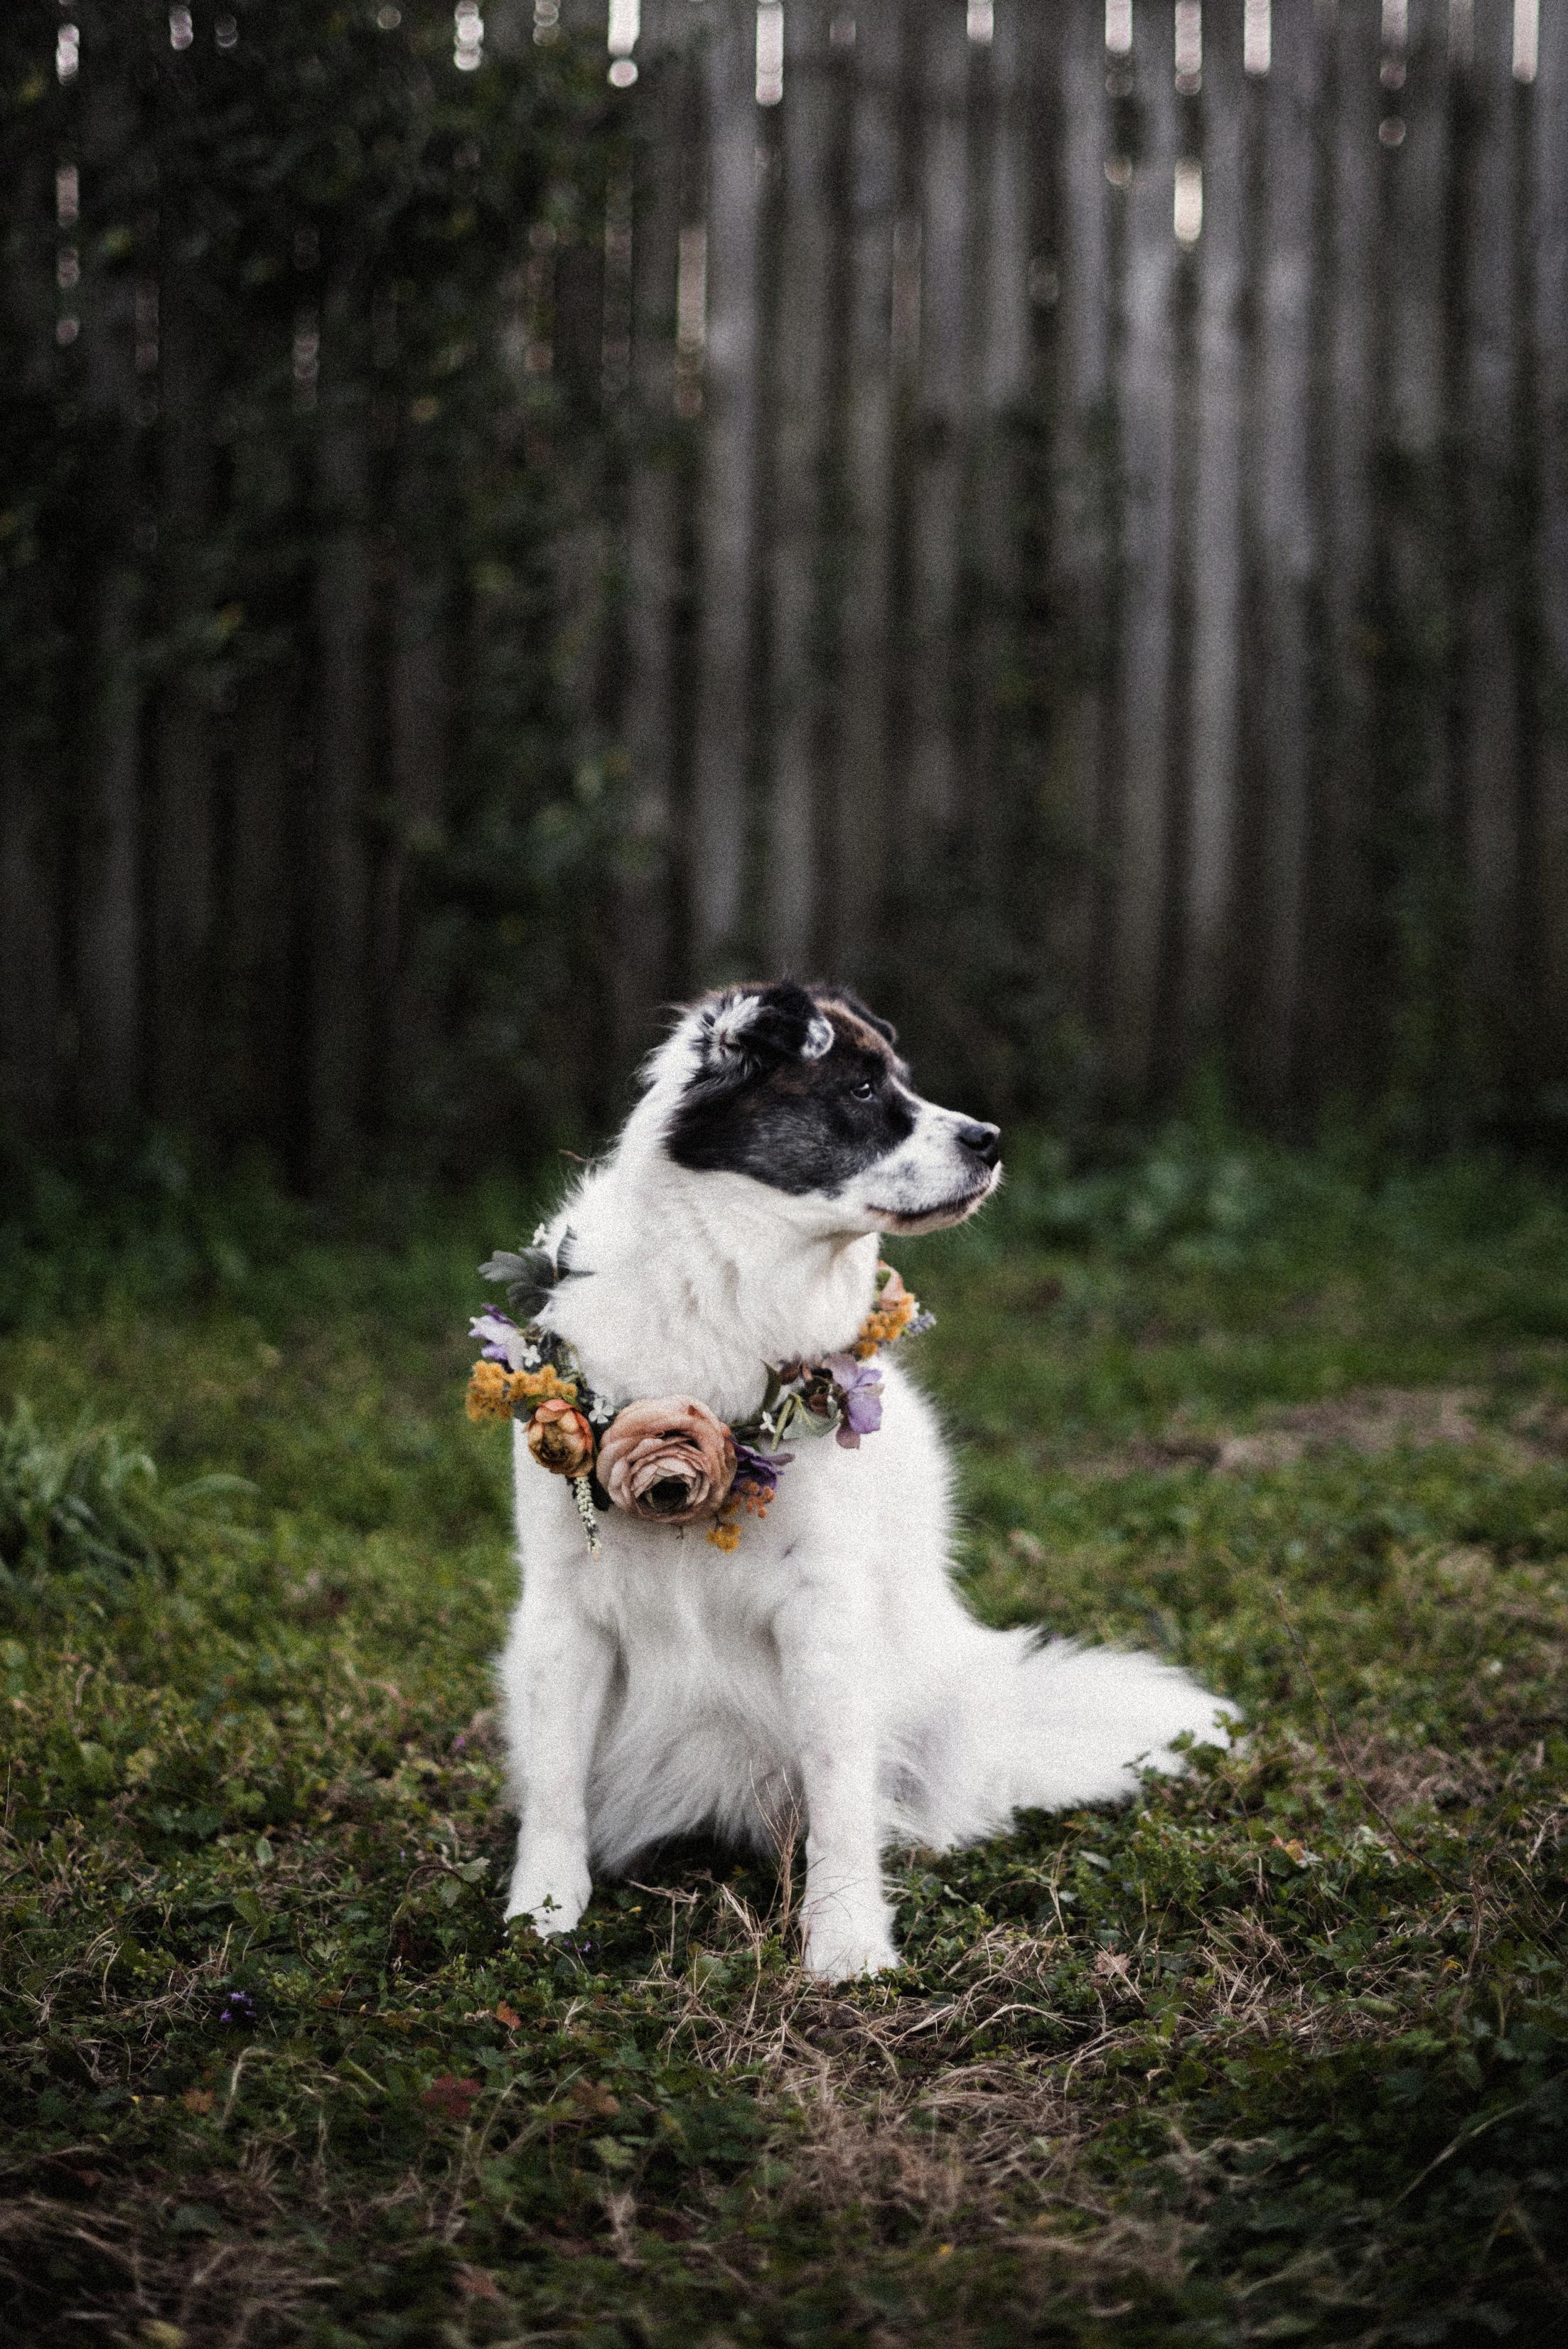 booboo-a-dog-flower-crowns-15-dsatcrop.jpg